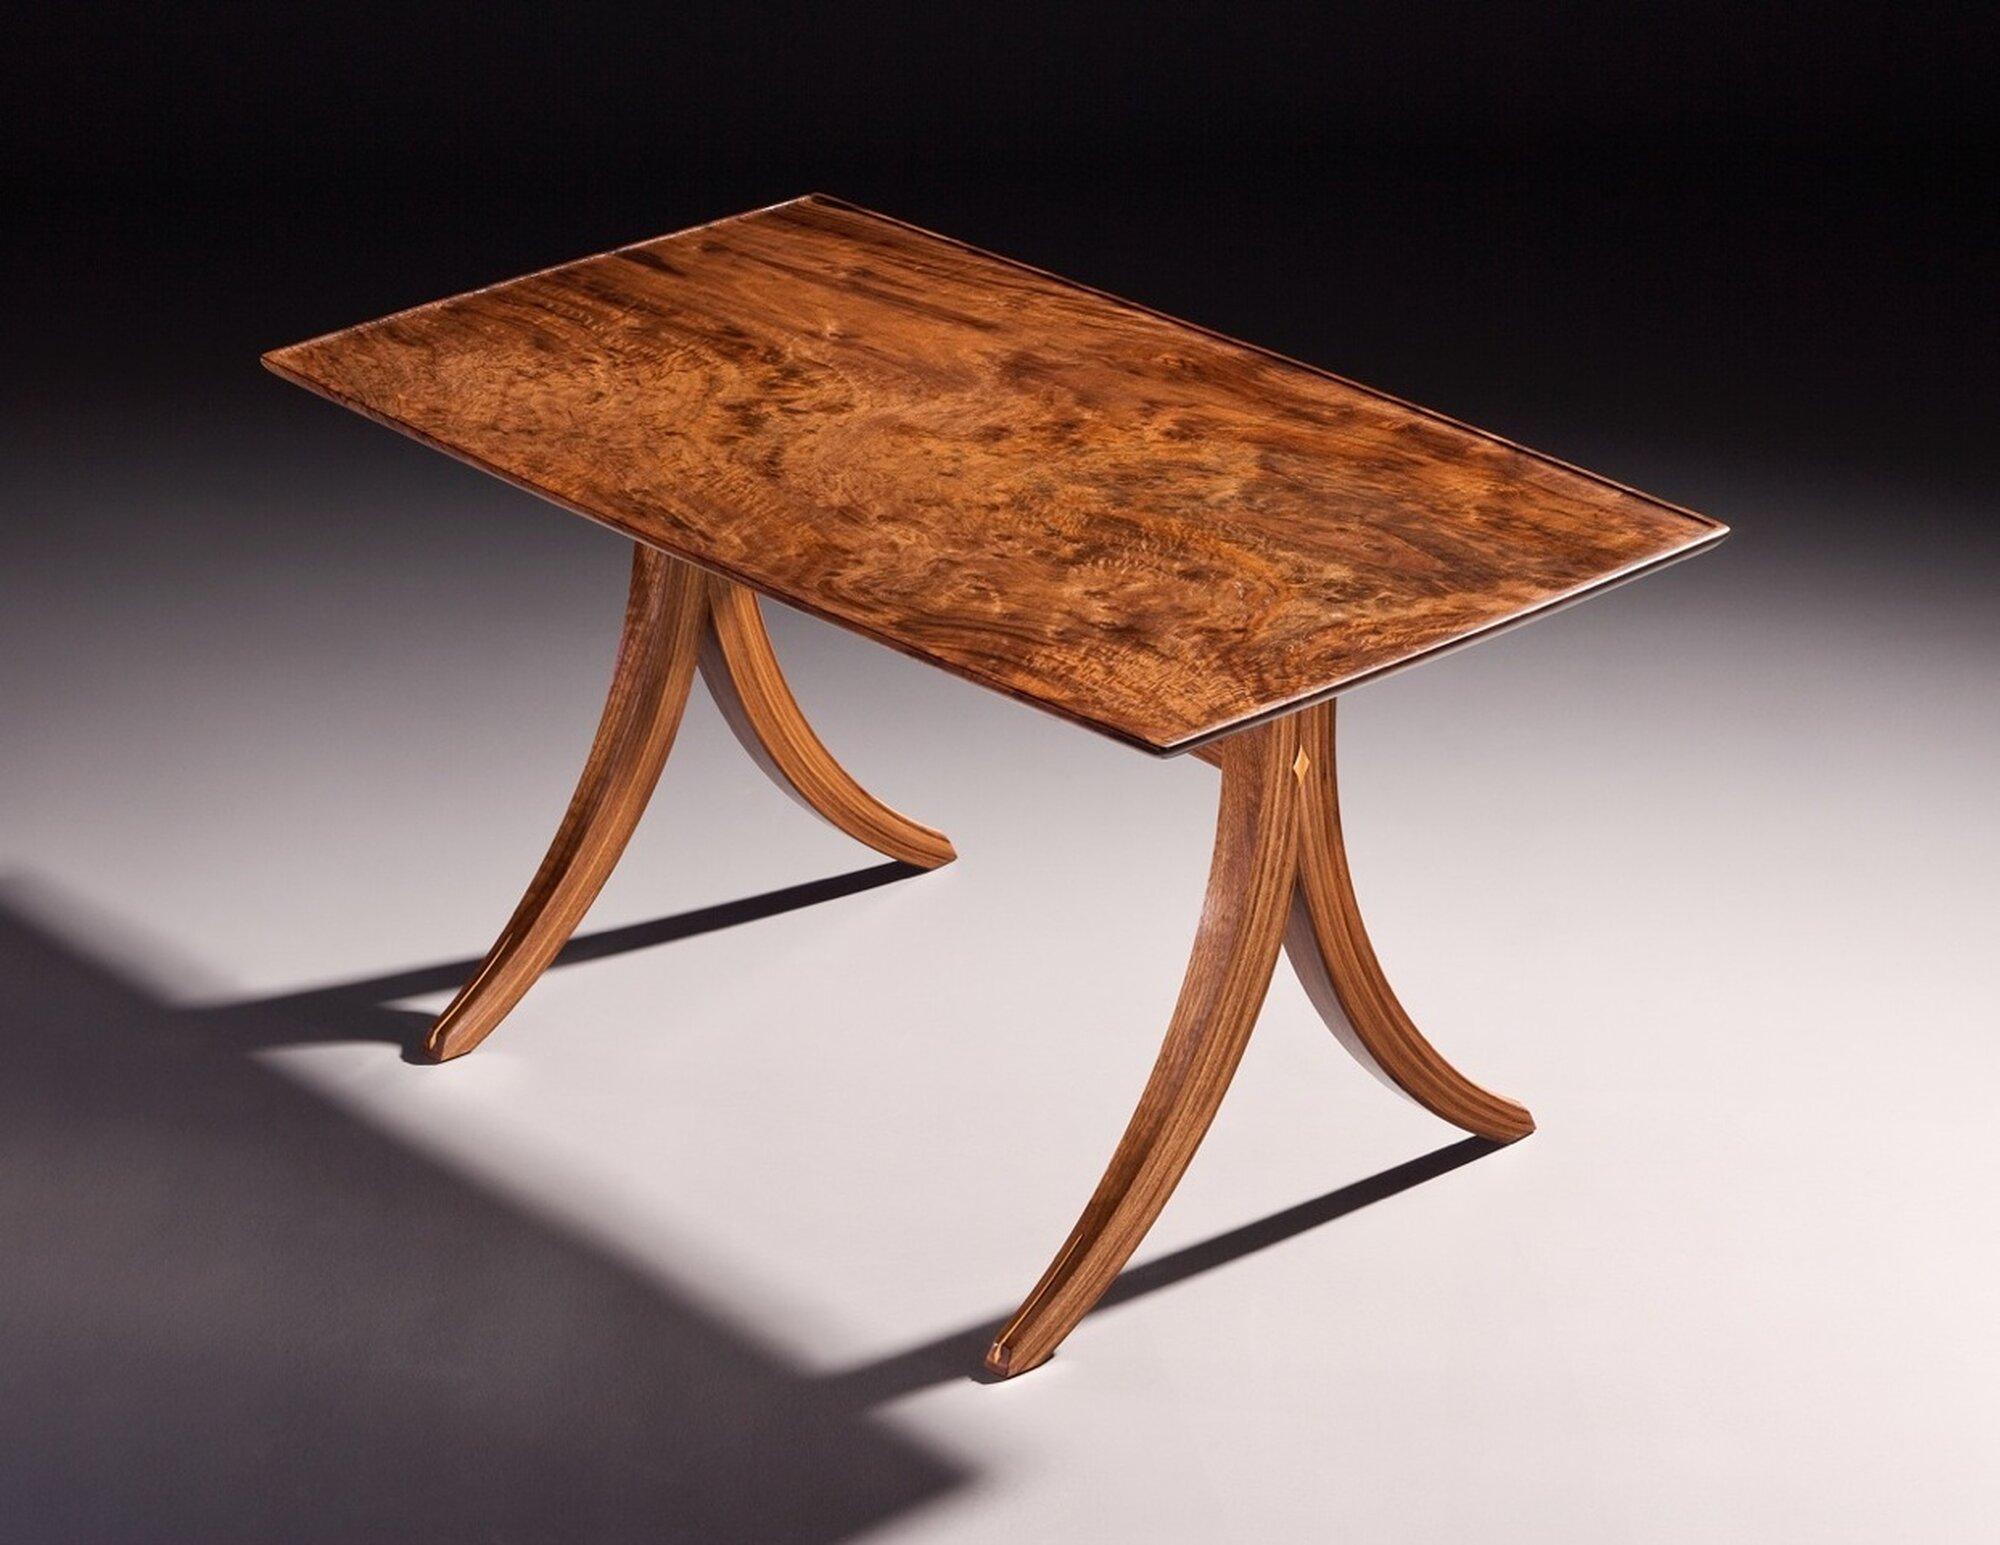 Den Table